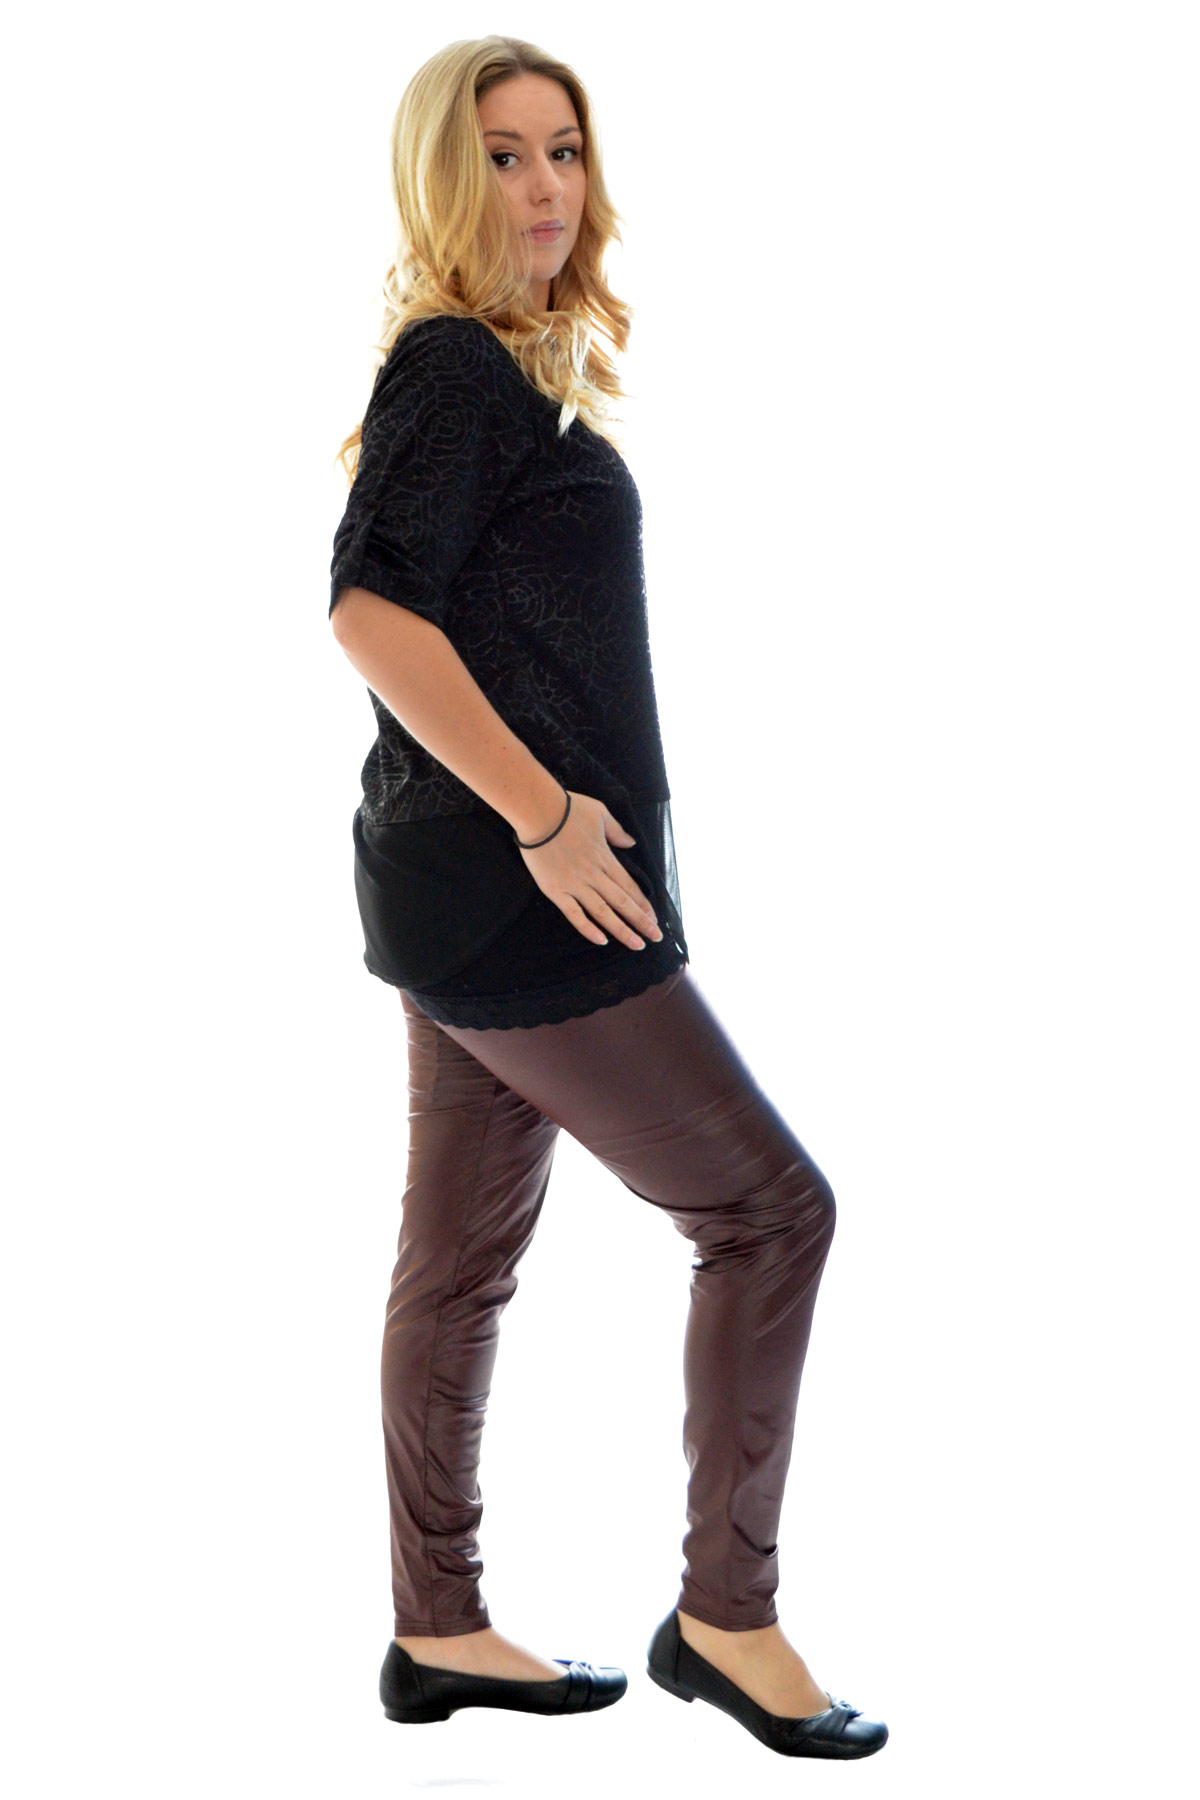 Women In Latex Pants 61